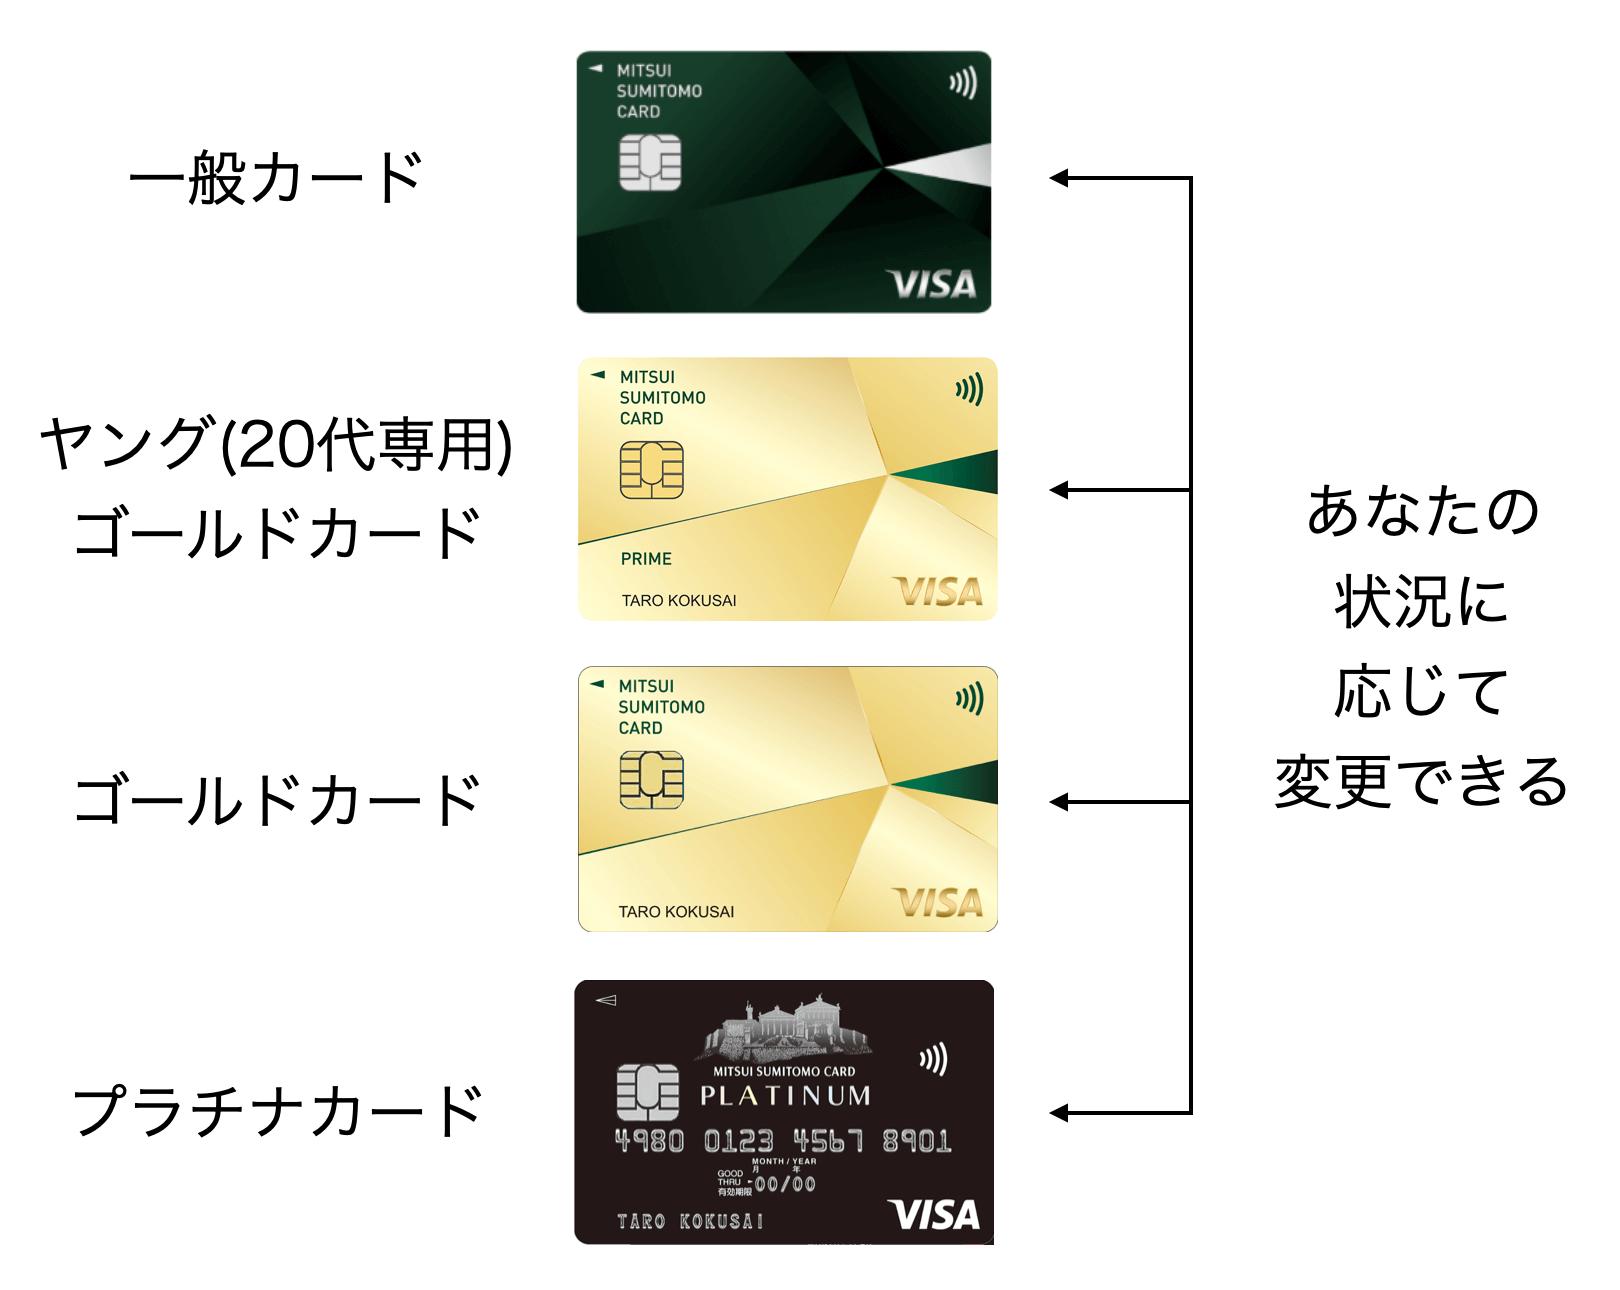 三井住友カード(NL)のグレード変更